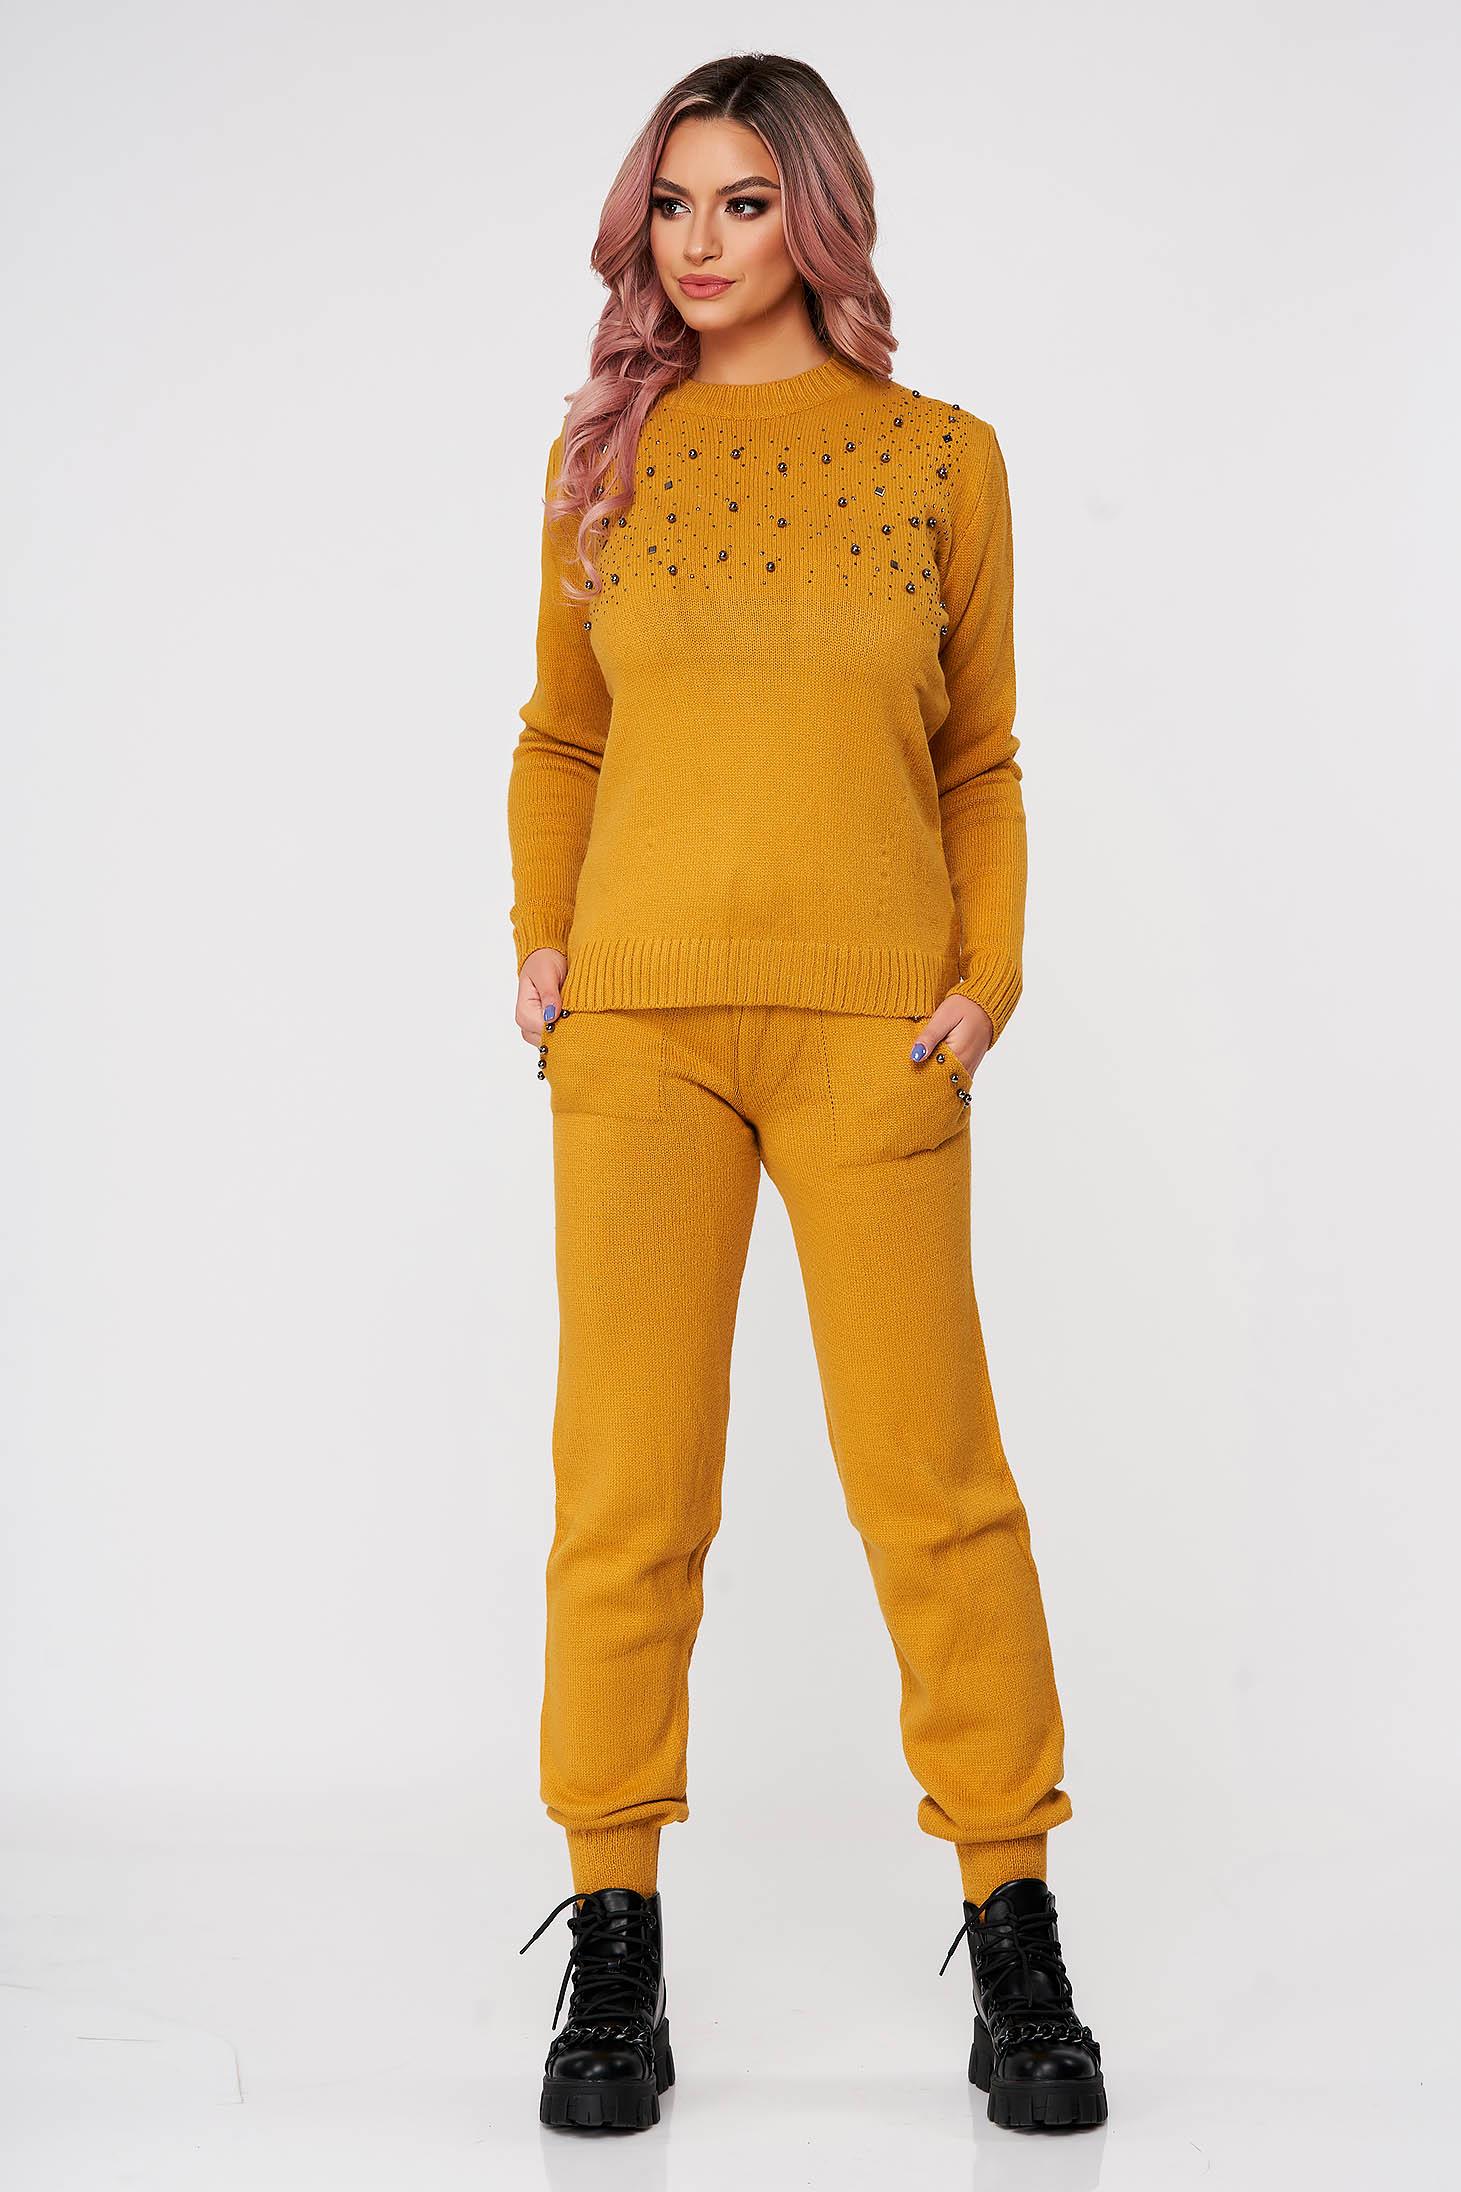 Trening dama SunShine mustariu tricotat din doua piese cu talie medie si aplicatii cu perle